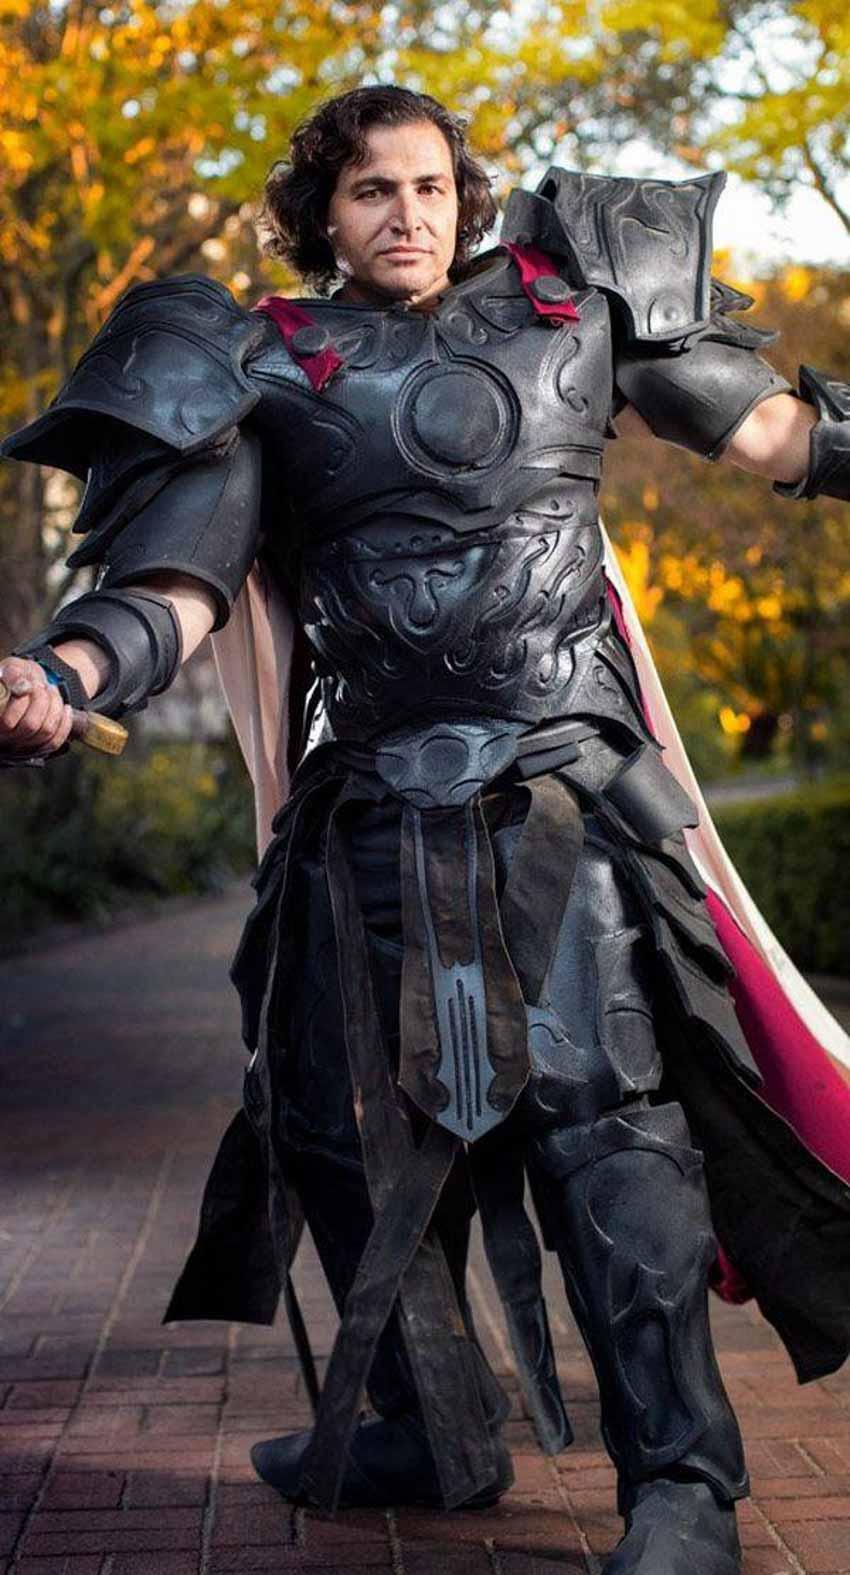 Trang phục Greyling trong một bộ giáp cosplay được thiết kế riêng